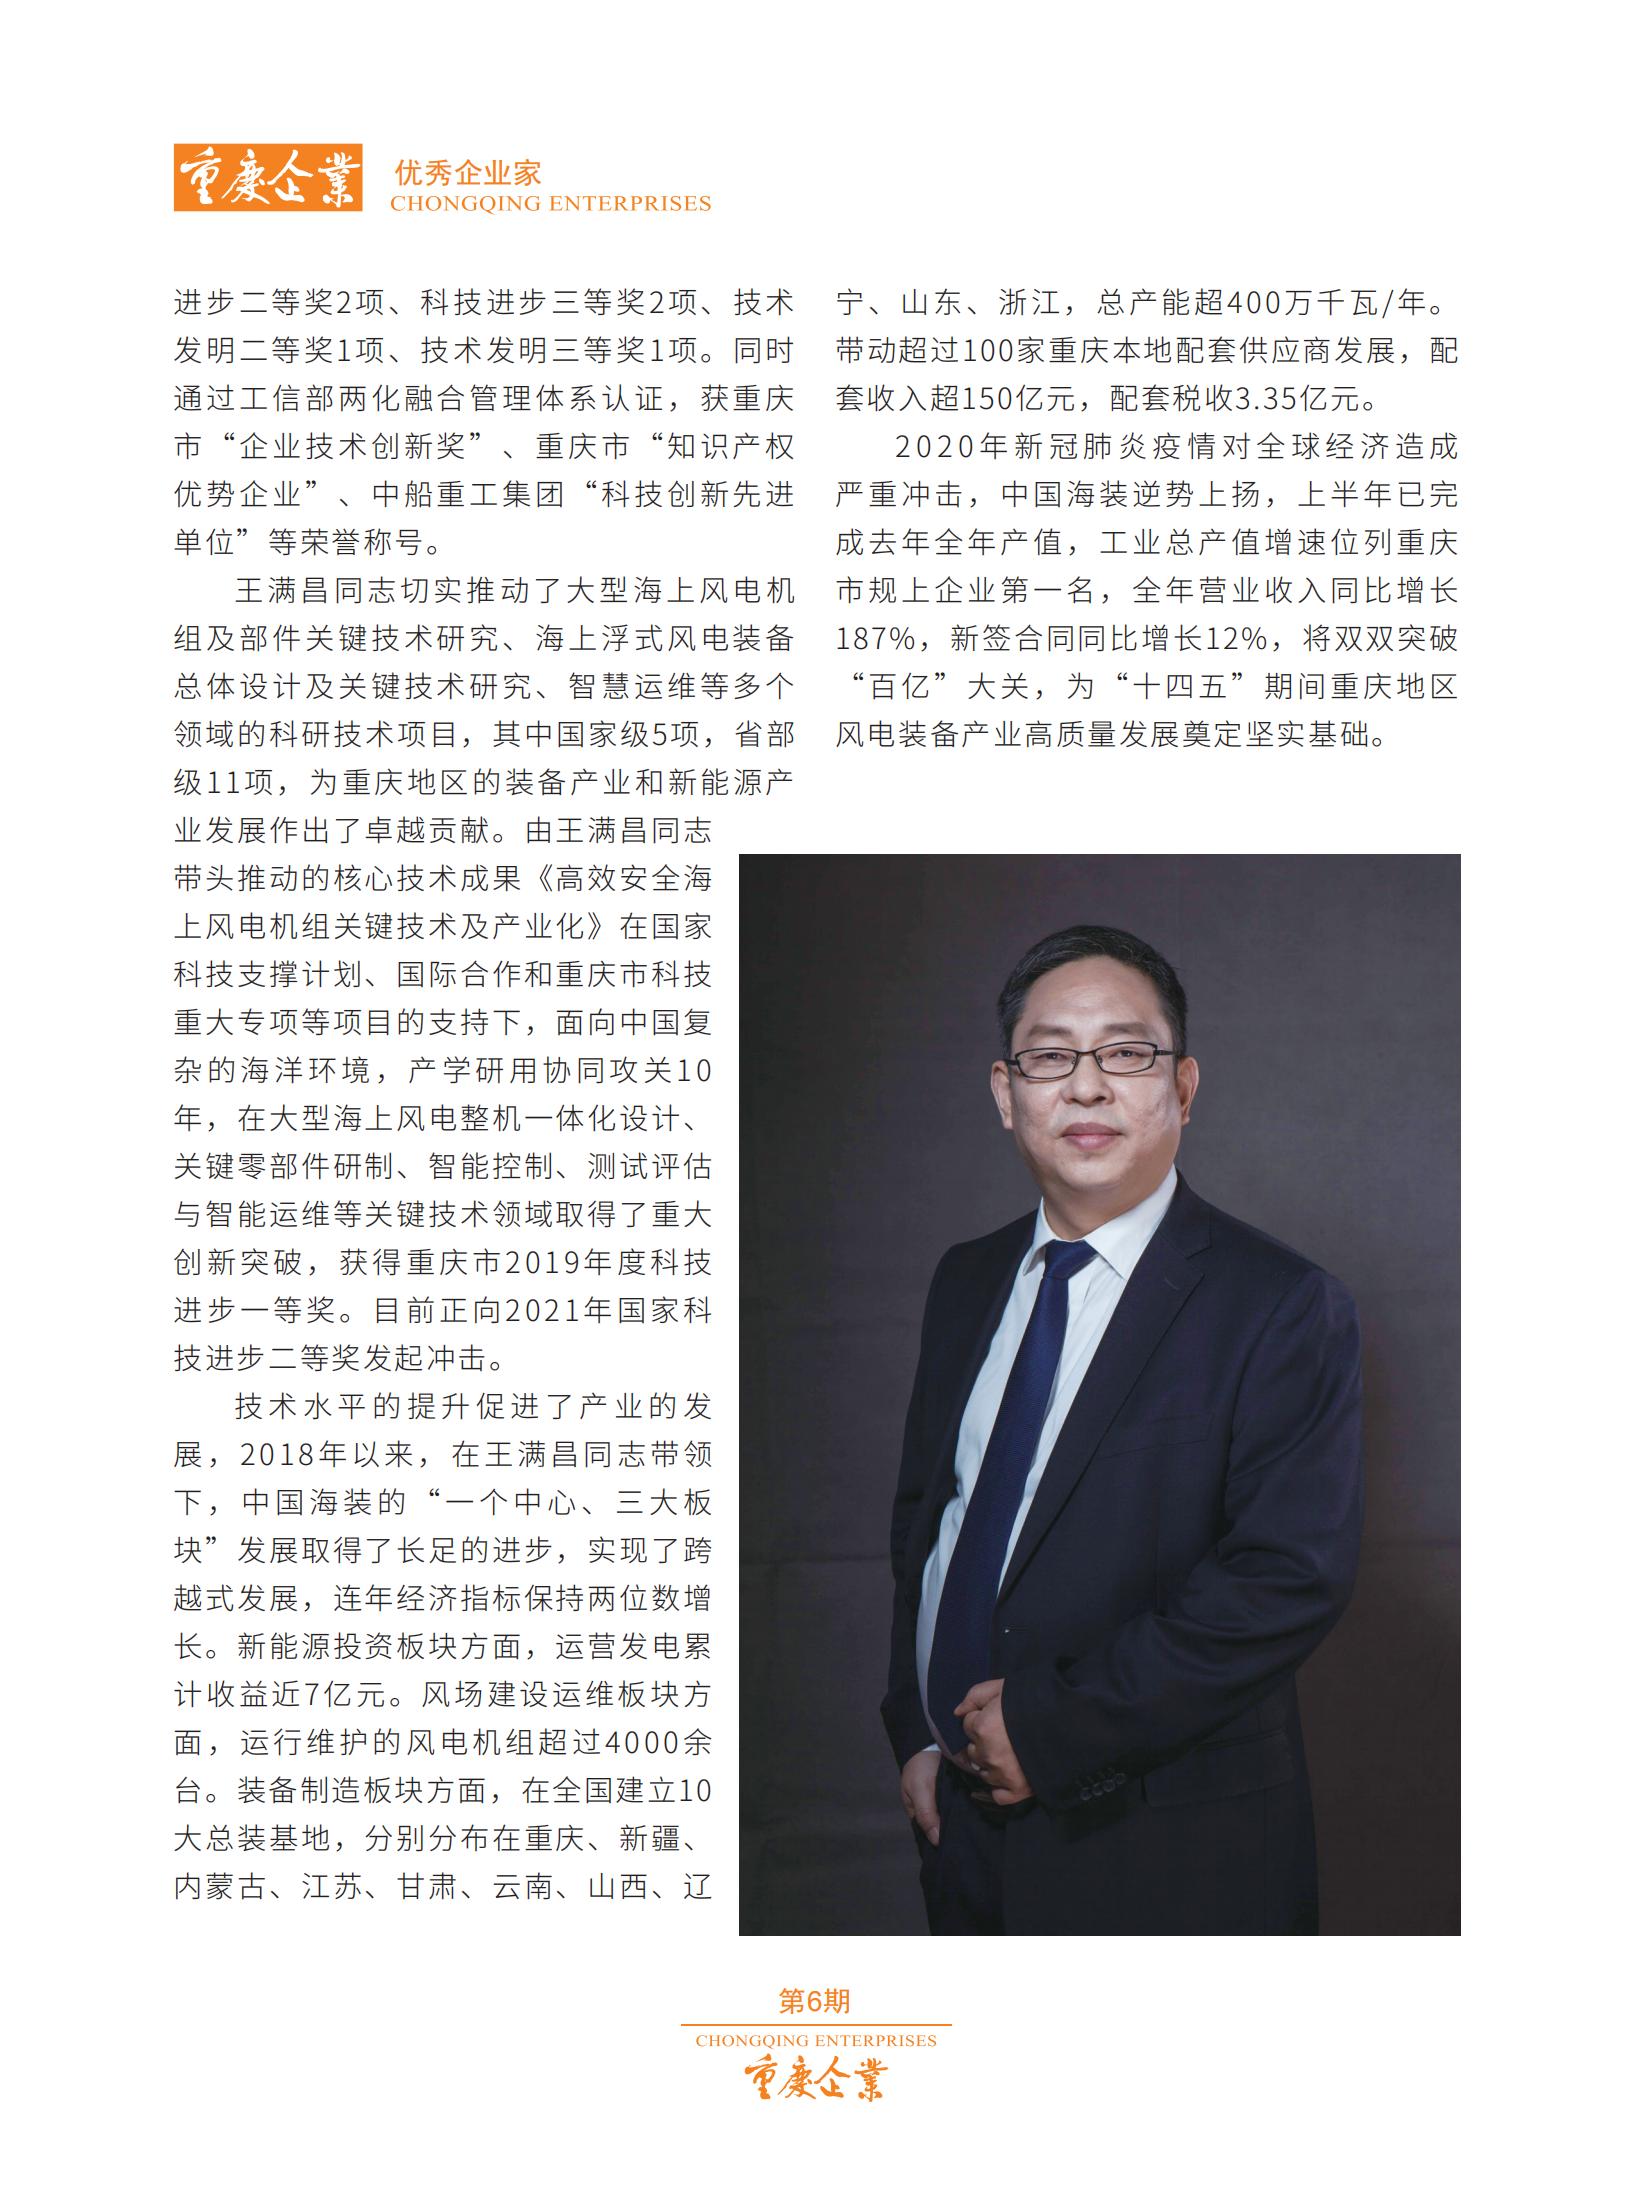 王滿昌 (2).png